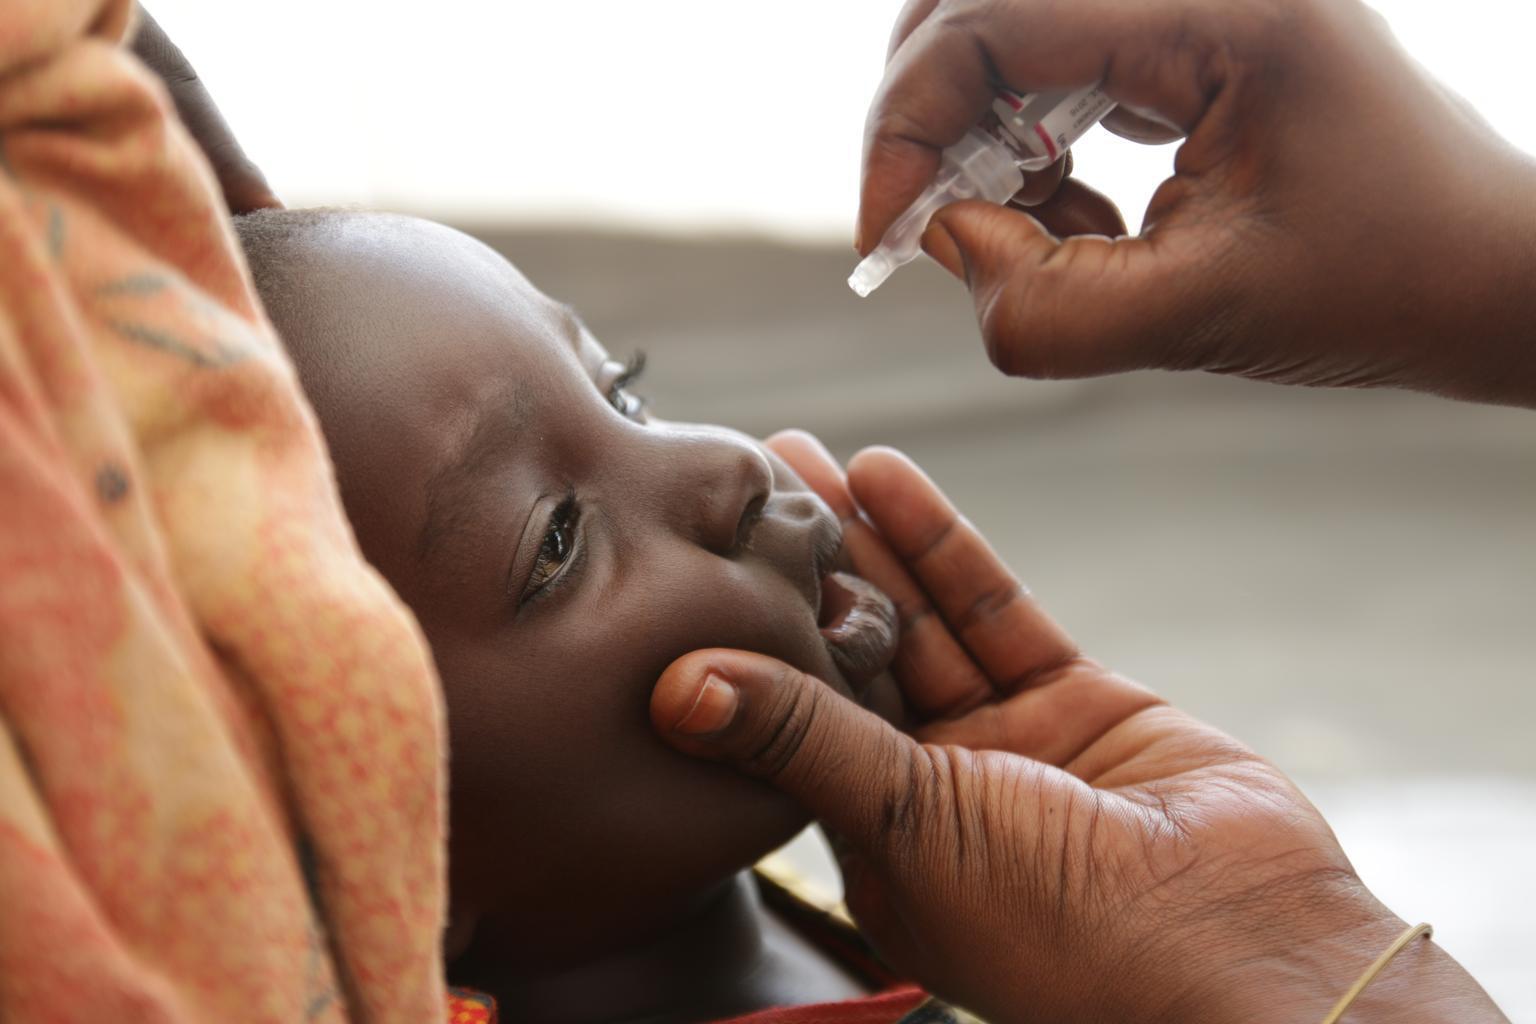 Bild zu Welt-Polio-Tag, Kinderlähmung, Impfungen